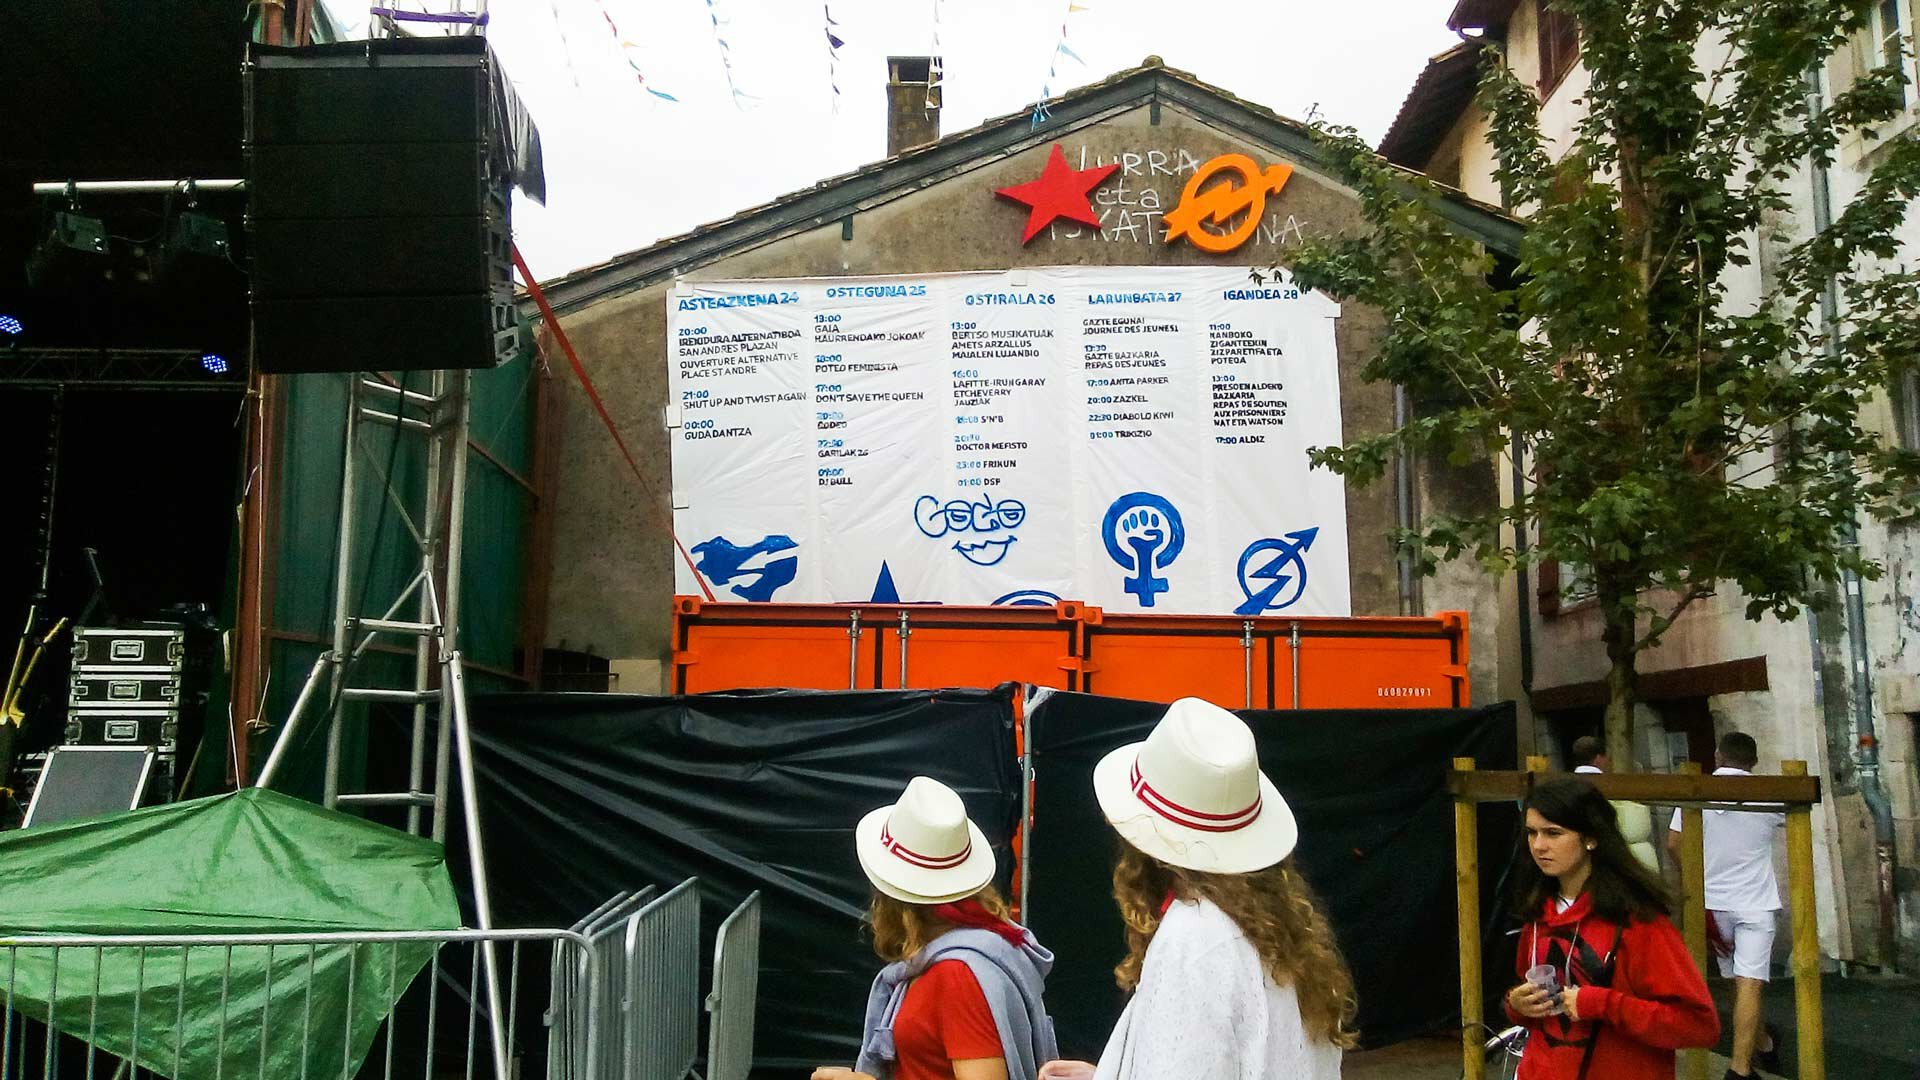 Trois personnes arrivent au festival Alternatiboak. La programmation est écrite en euskara.